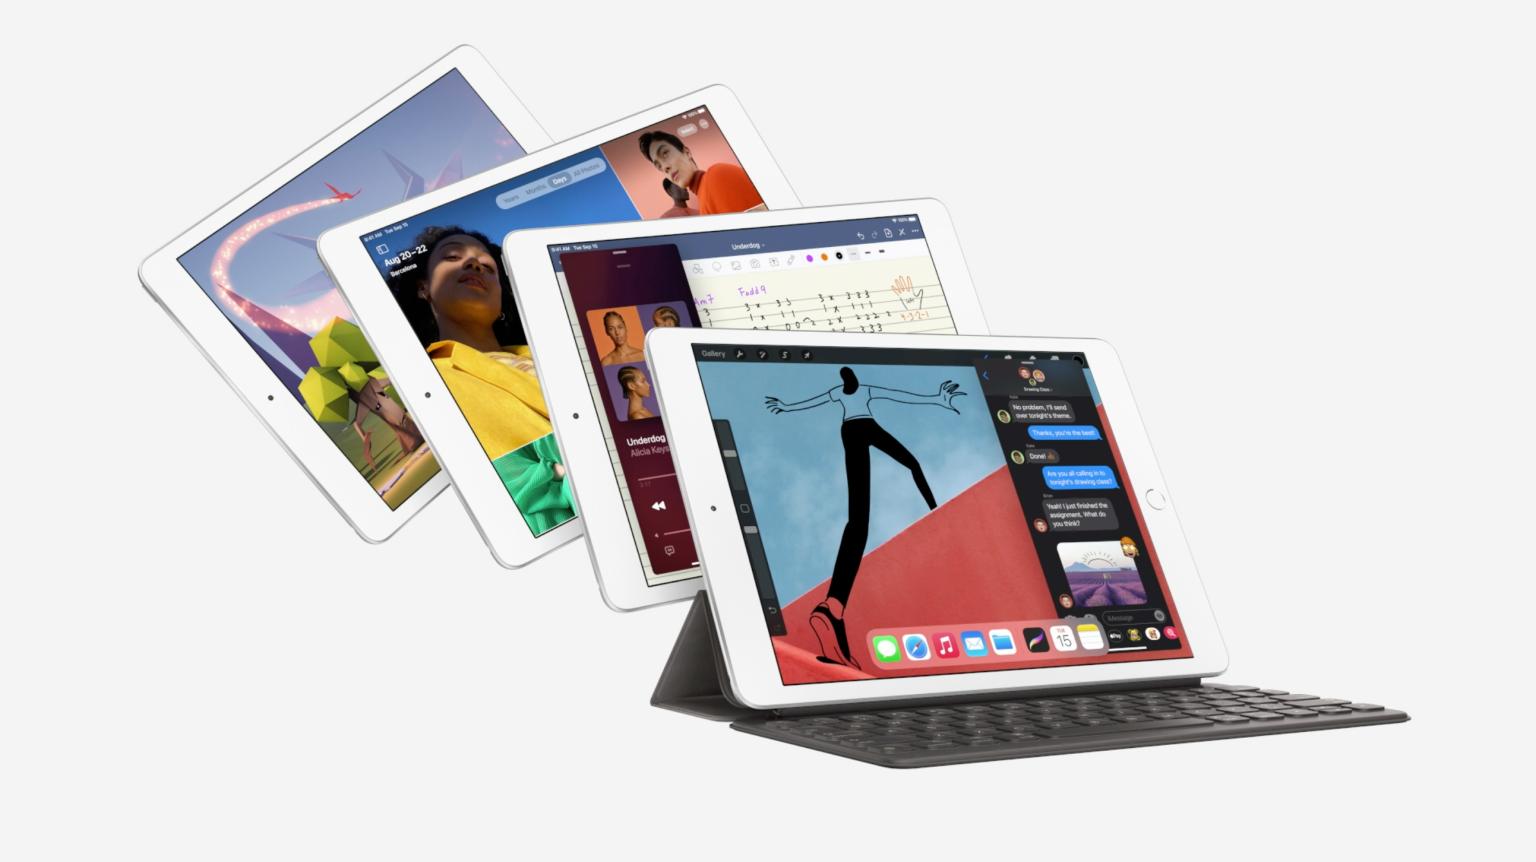 روکیدا - رویداد سالانه اپل: از چه محصول و خدماتی رونمایی شد؟ - iOS 14, آیپد ایر, آیپد نسل 8, اپل تی وی, اپل فیتنس, اپل واچ SE, اپل واچ سری 6, رویداد سالانه اپل